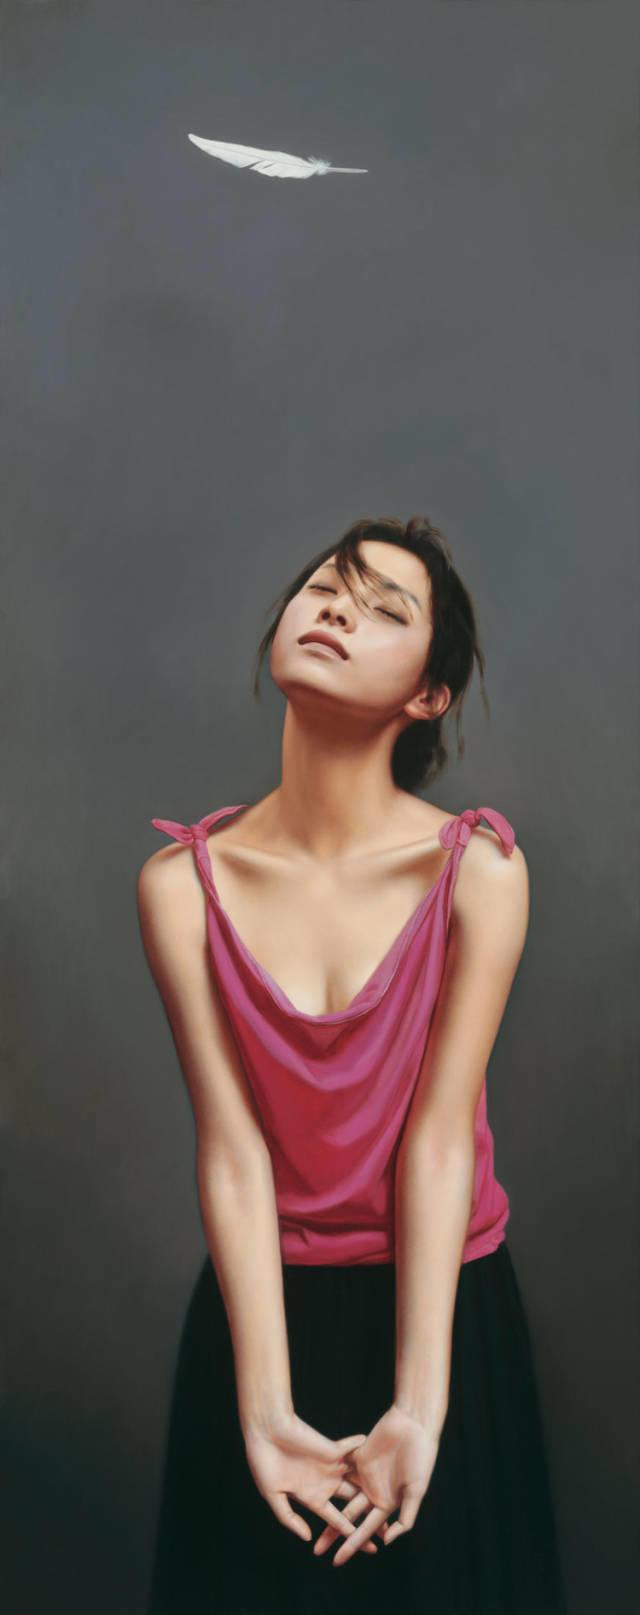 35年专注画青春美少女,最贵画作卖708万插图7